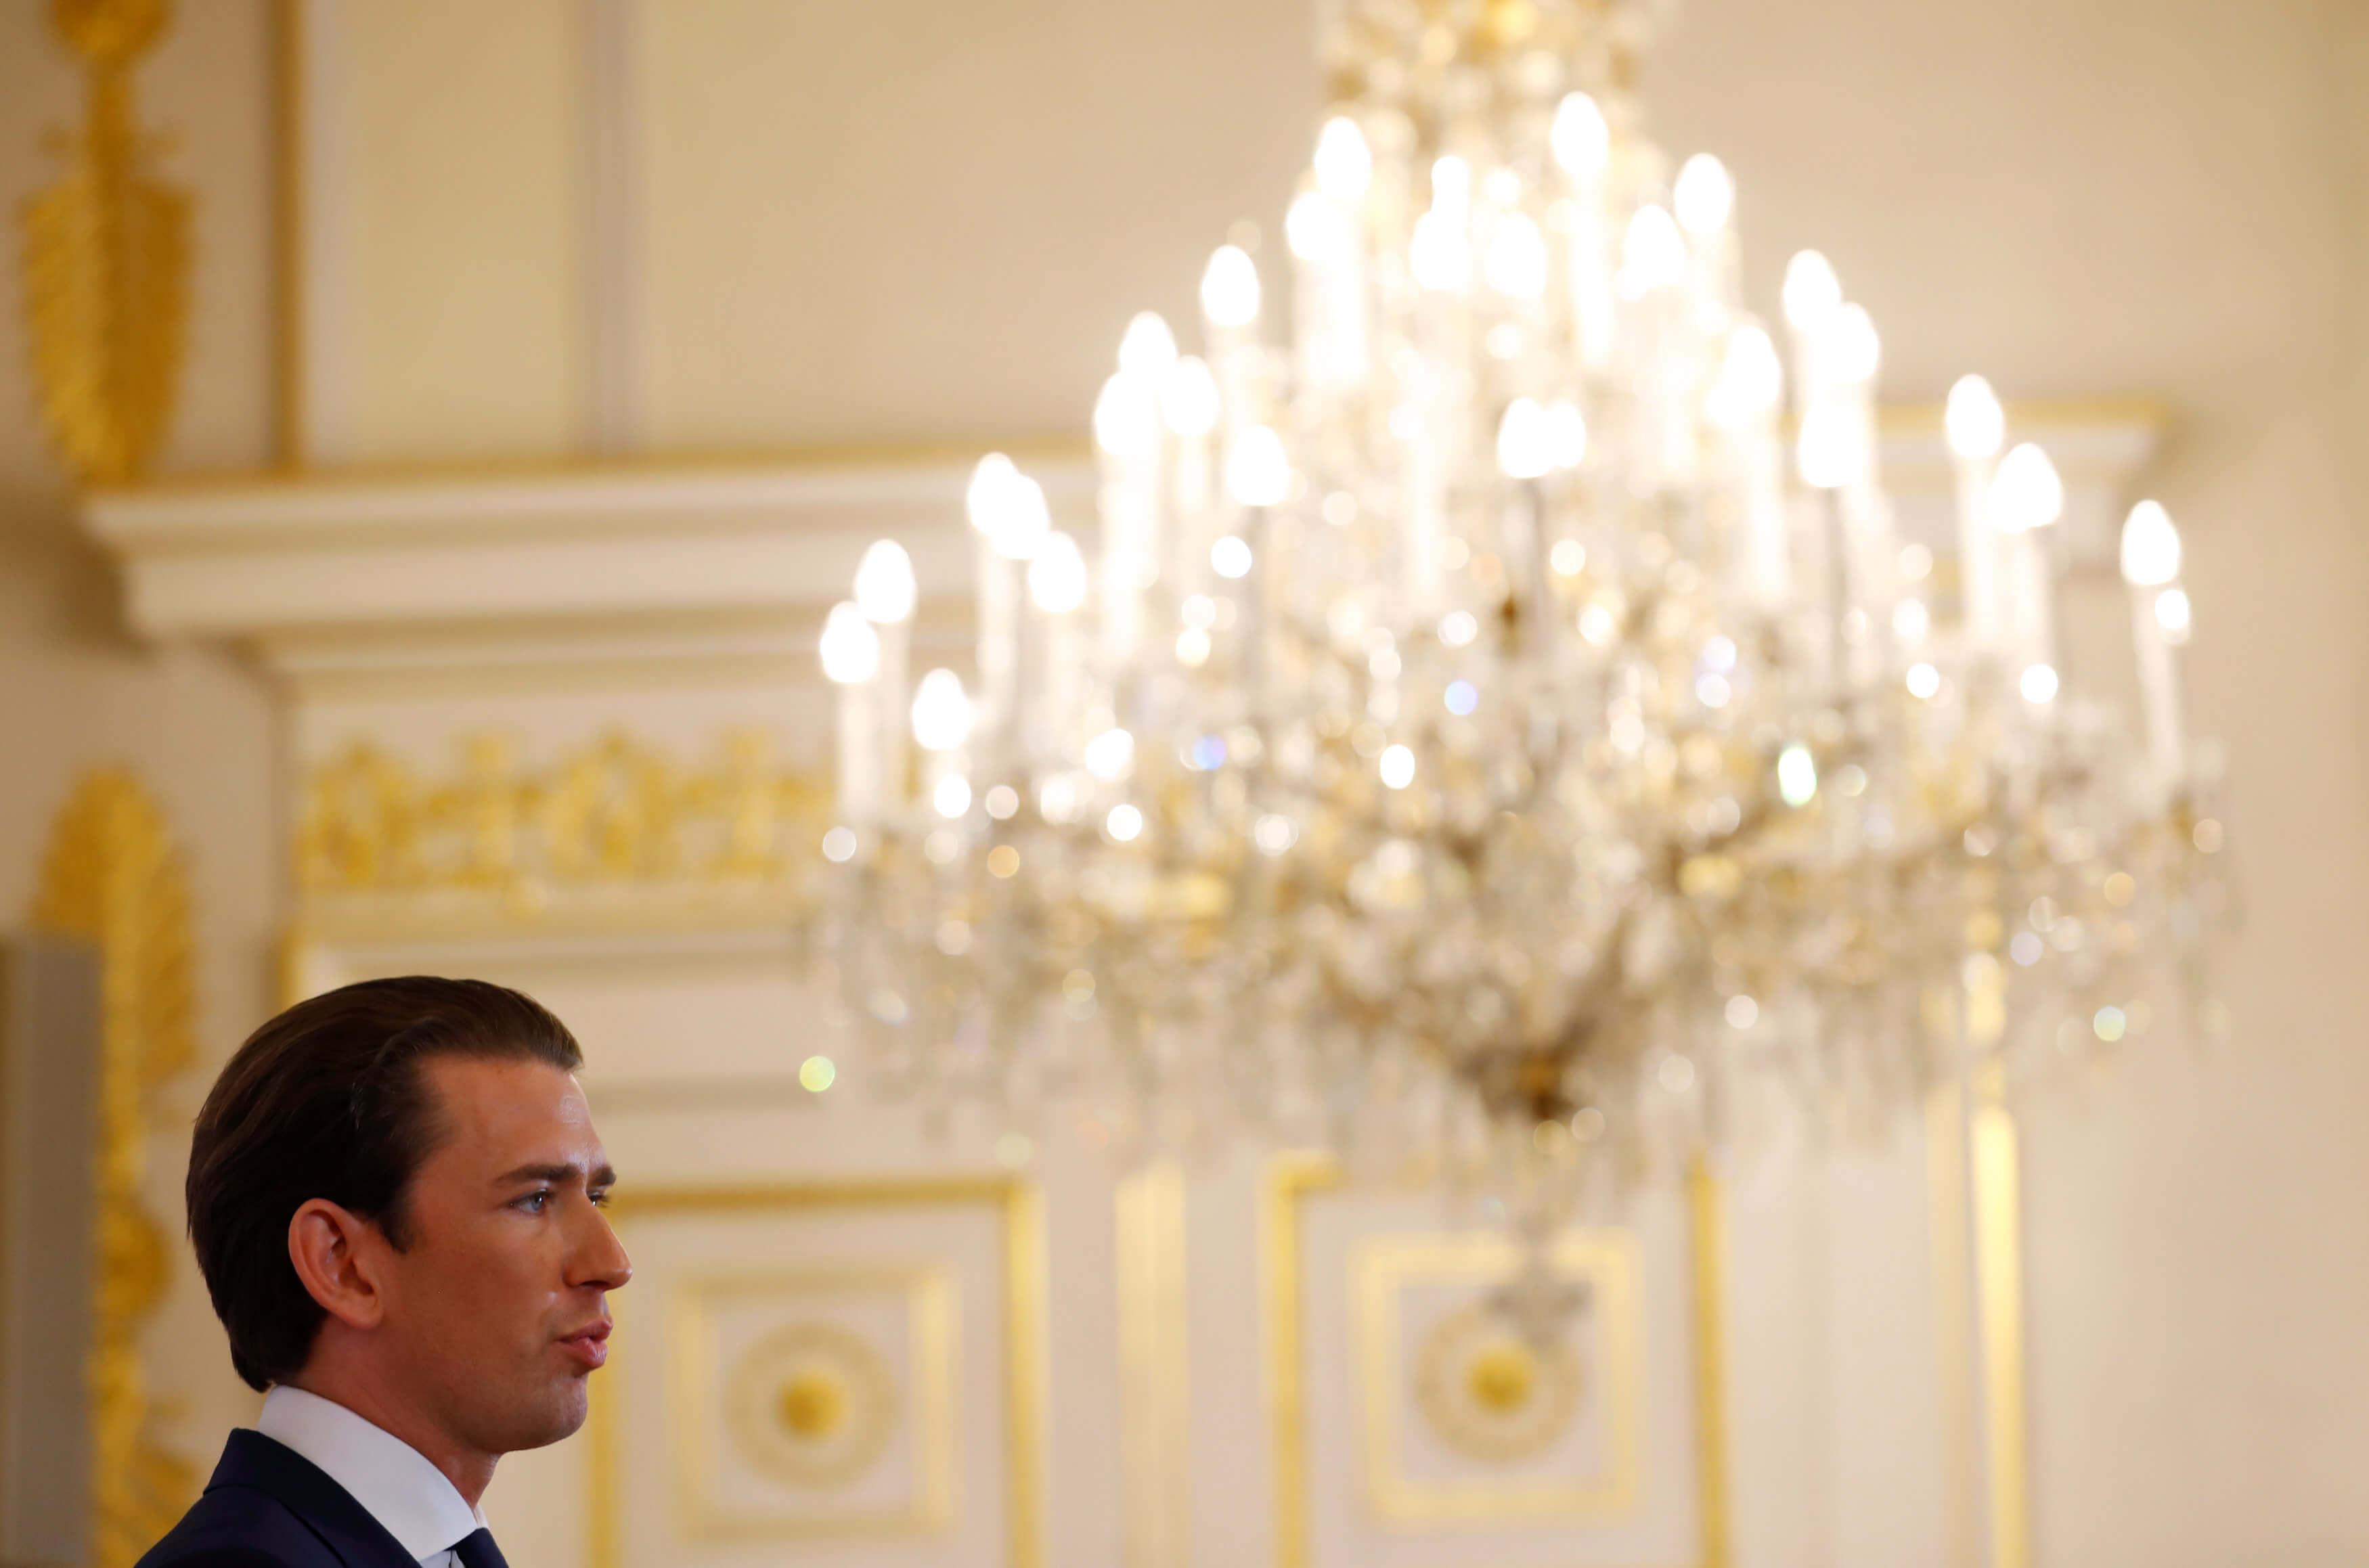 Αυστρία: Θα στηρίξει πρόταση μομφής κατά του Κουρτς το FPO